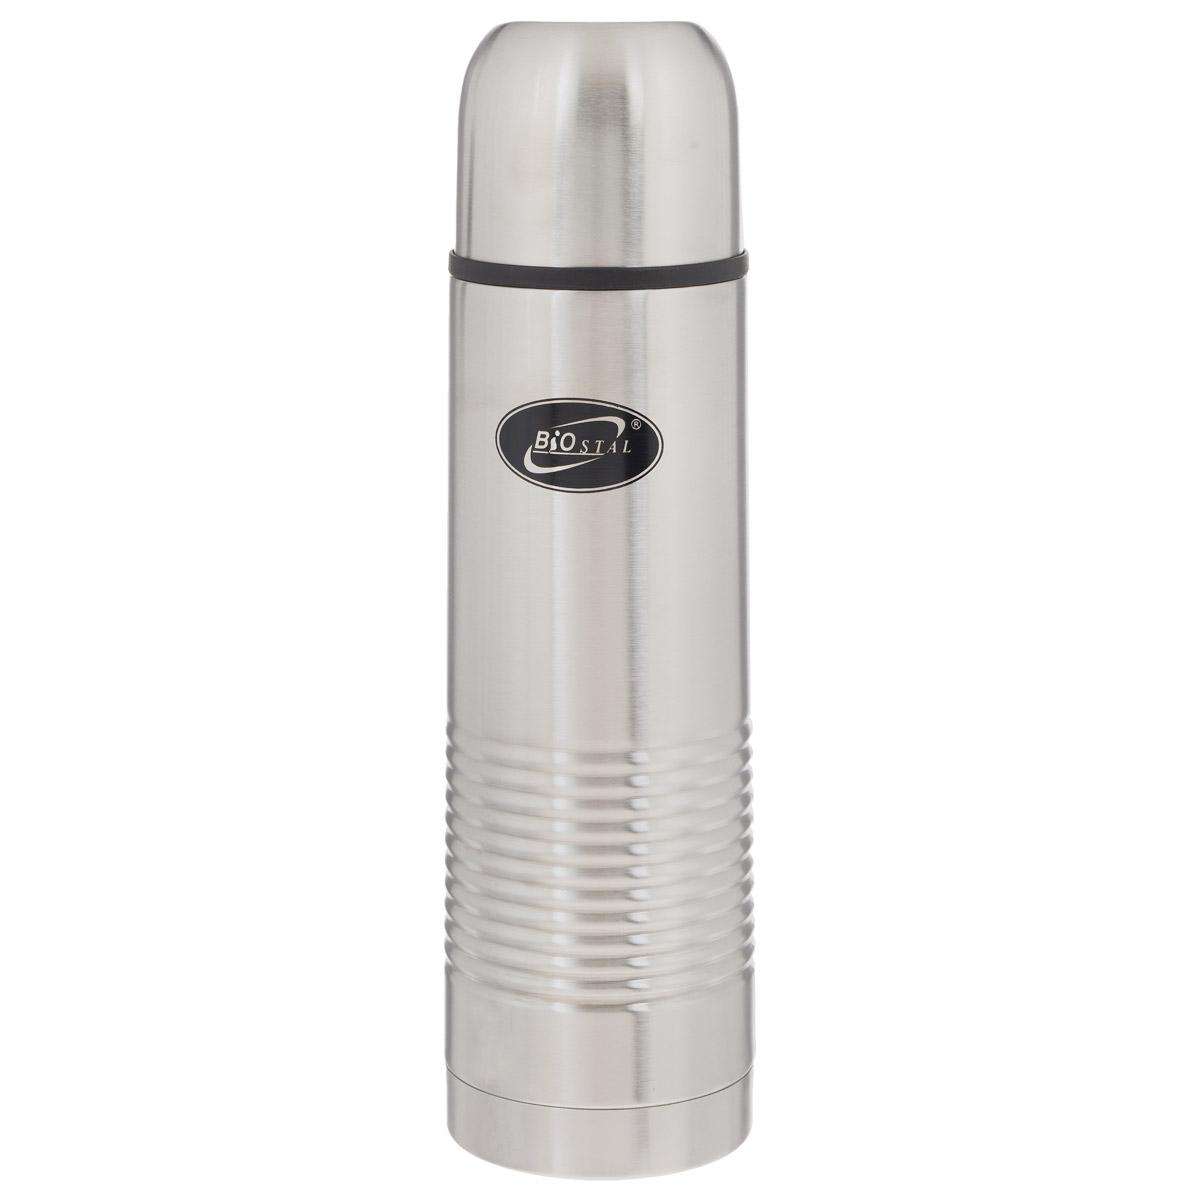 Термос BIOSTAL, в чехле, 500 мл. NB-500-BDXH-1500-1Термос с узким горлом BIOSTAL, изготовленный из высококачественной нержавеющей стали, относится к классической серии. Термосы этой серии, являющейся лидером продаж, просты в использовании, экономичны и многофункциональны. Термос предназначен для хранения горячих и холодных напитков (чая, кофе) и укомплектован пробкой с кнопкой. Такая пробка удобна в использовании и позволяет, не отвинчивая ее, наливать напитки после простого нажатия. Изделие также оснащено крышкой-чашкой и текстильным чехлом для хранения и переноски термоса. Легкий и прочный термос BIOSTAL сохранит ваши напитки горячими или холодными надолго.